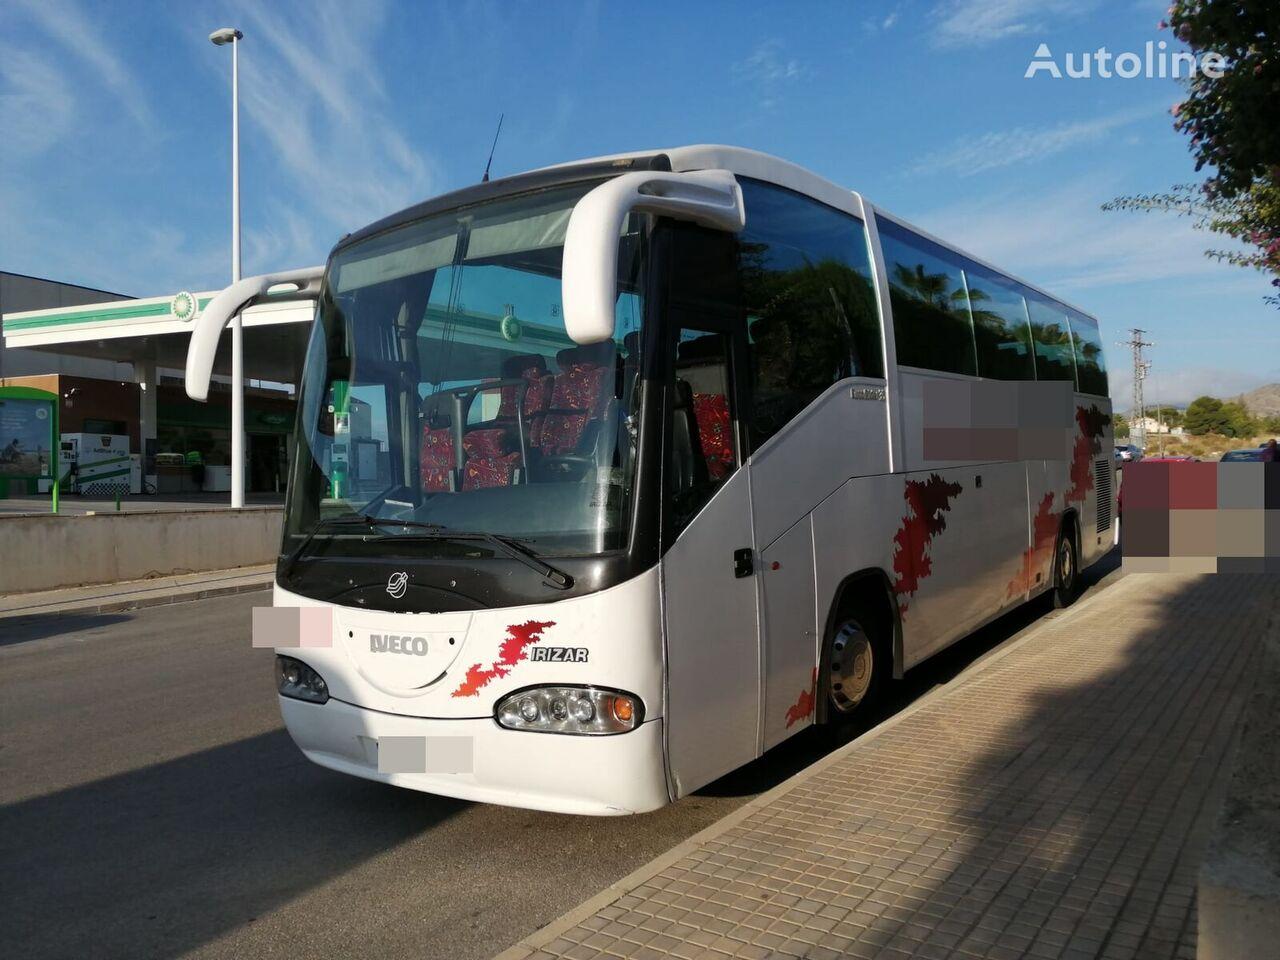 IVECO coach bus